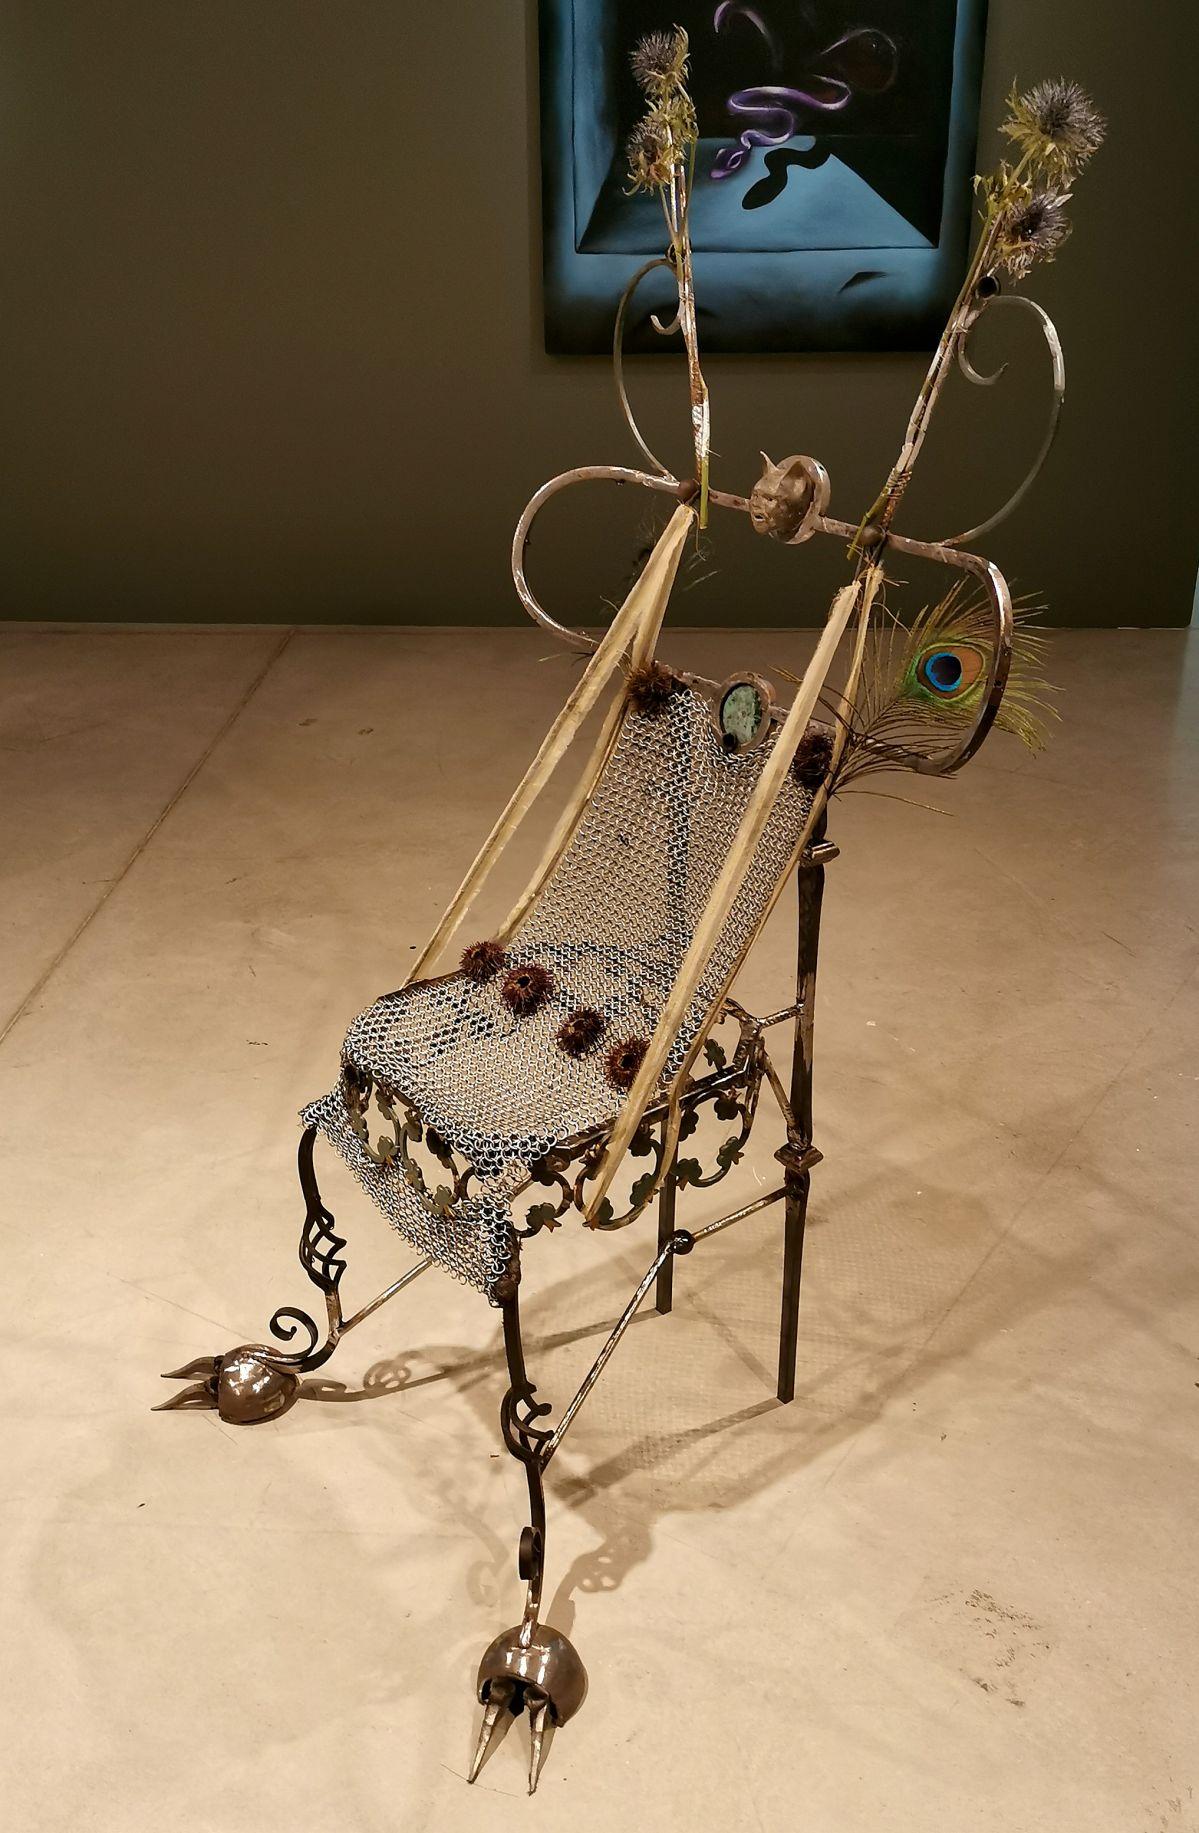 Nils Alix-Tabeling - 3 chaises sympathiques (Chat-Mite-Sphinx), 2020 - Possédé·e·s au MO.CO. Panacée